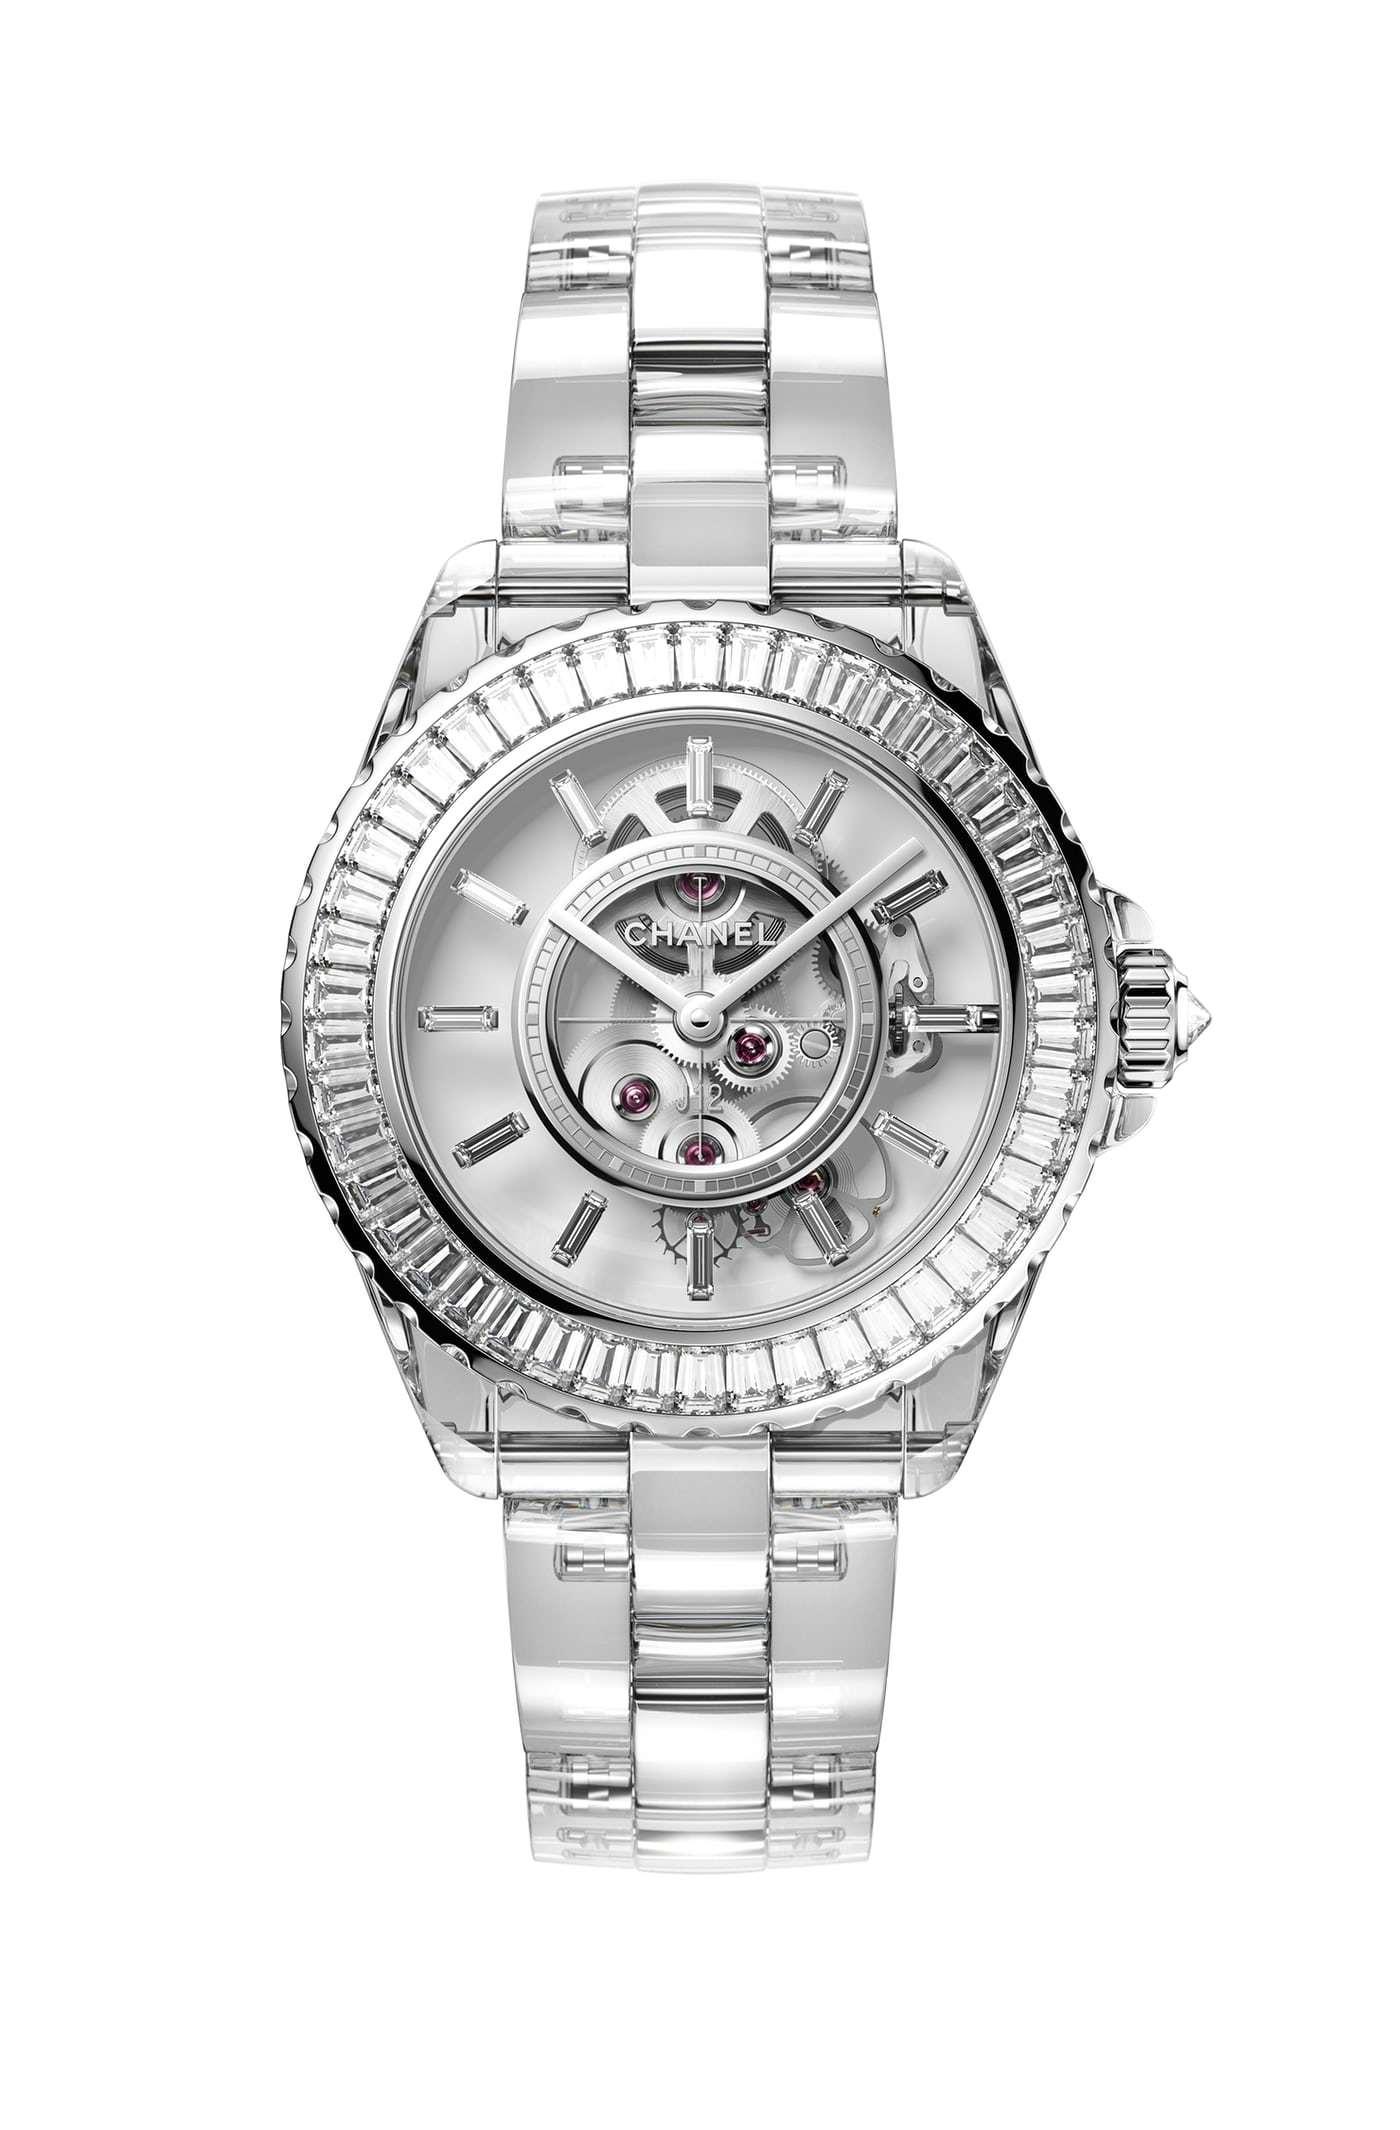 Часовой Ломбард - Продать часы Chanel